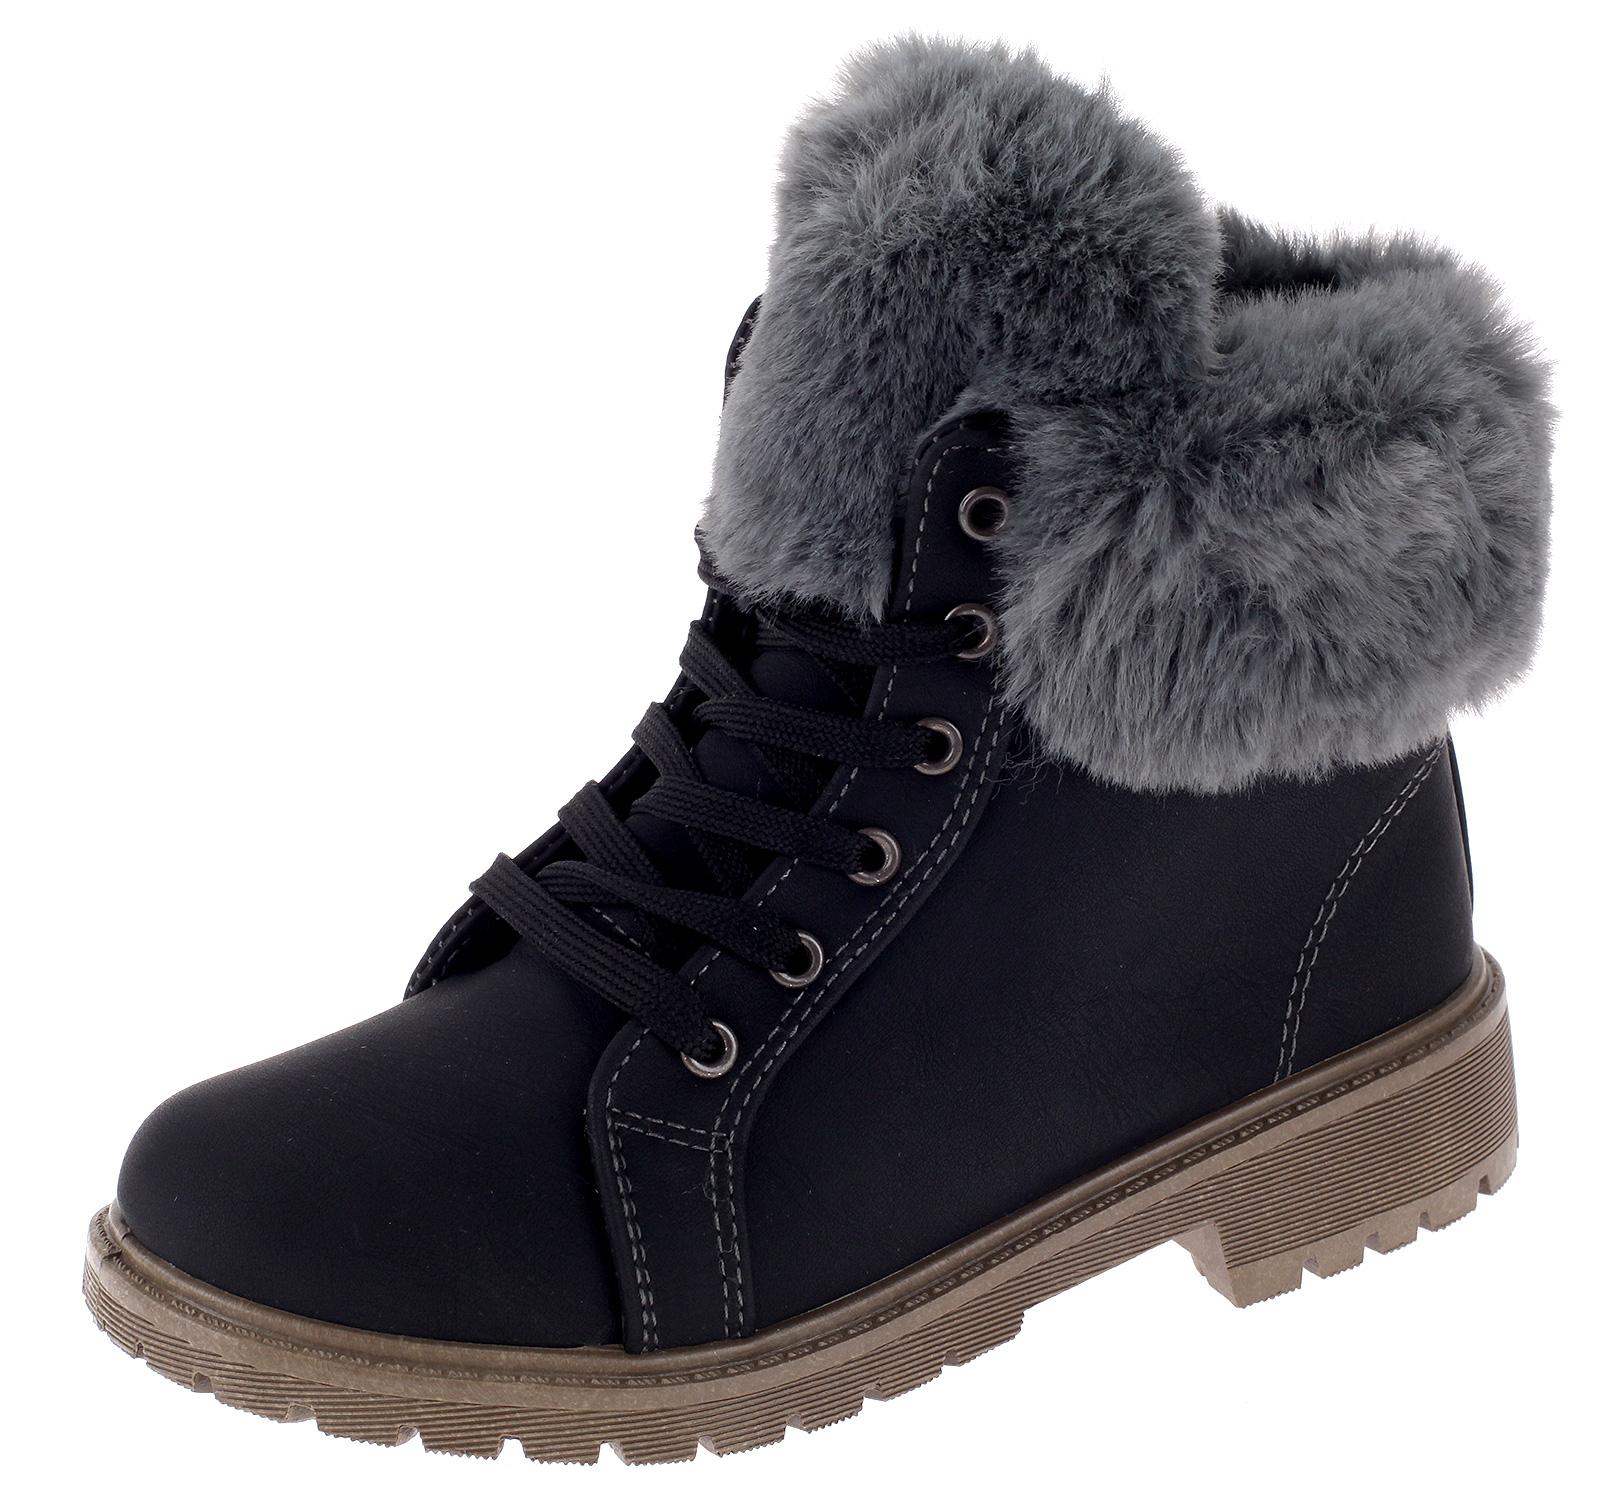 Mädchen Boots Stiefel Stiefeletten Winterboots Gefütterte Kinderschuhe 3129